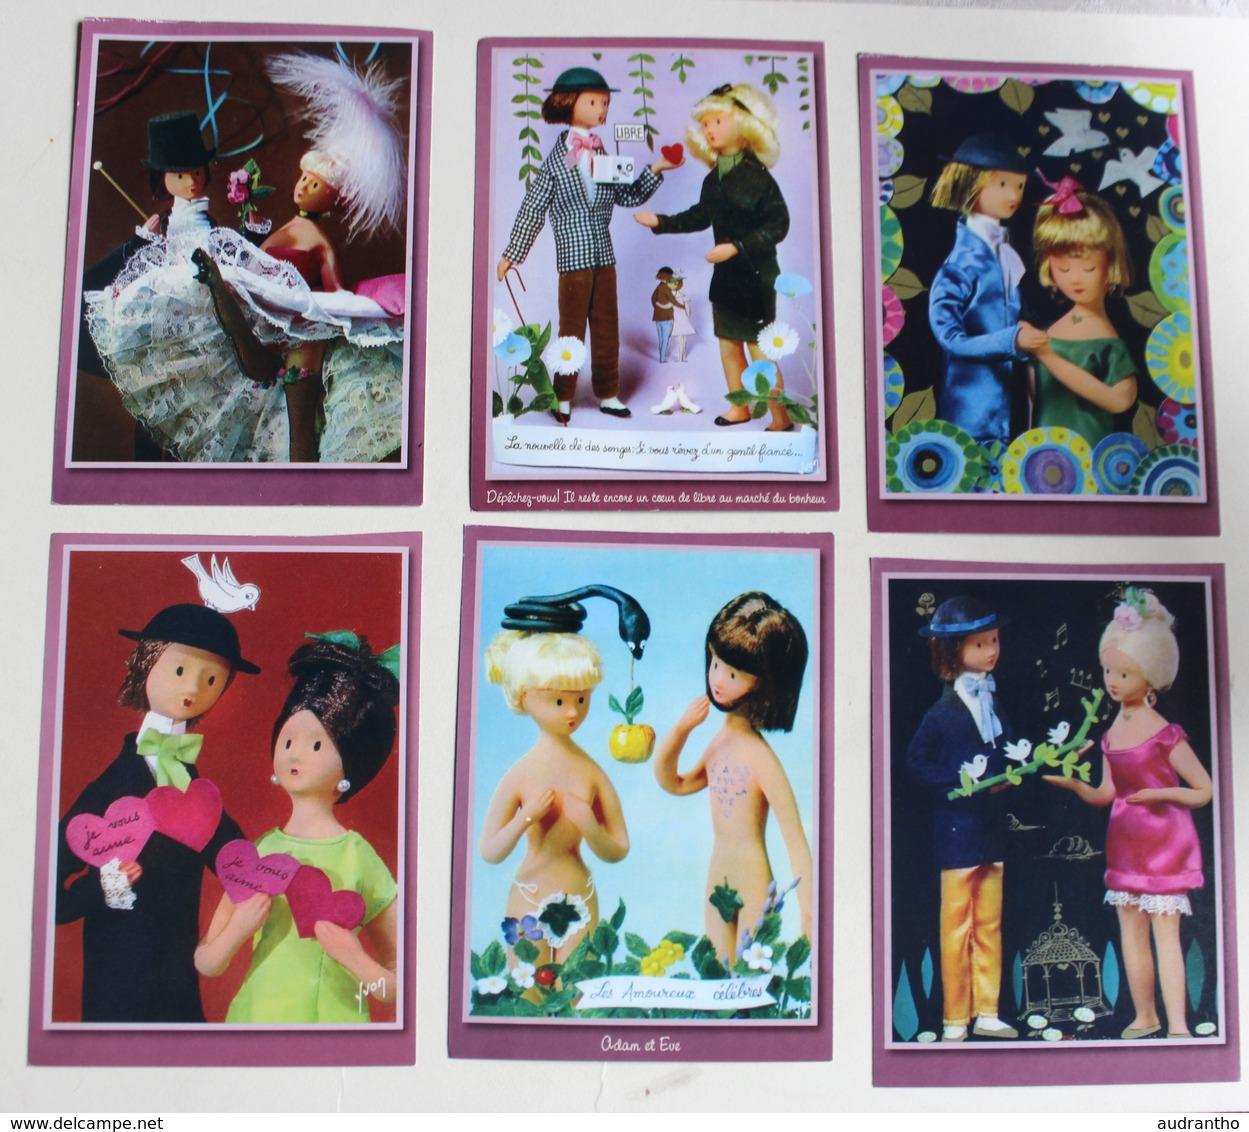 182 Images Les Amoureux De Peynet Calendrier Permanent 2007 Atlas - Calendriers